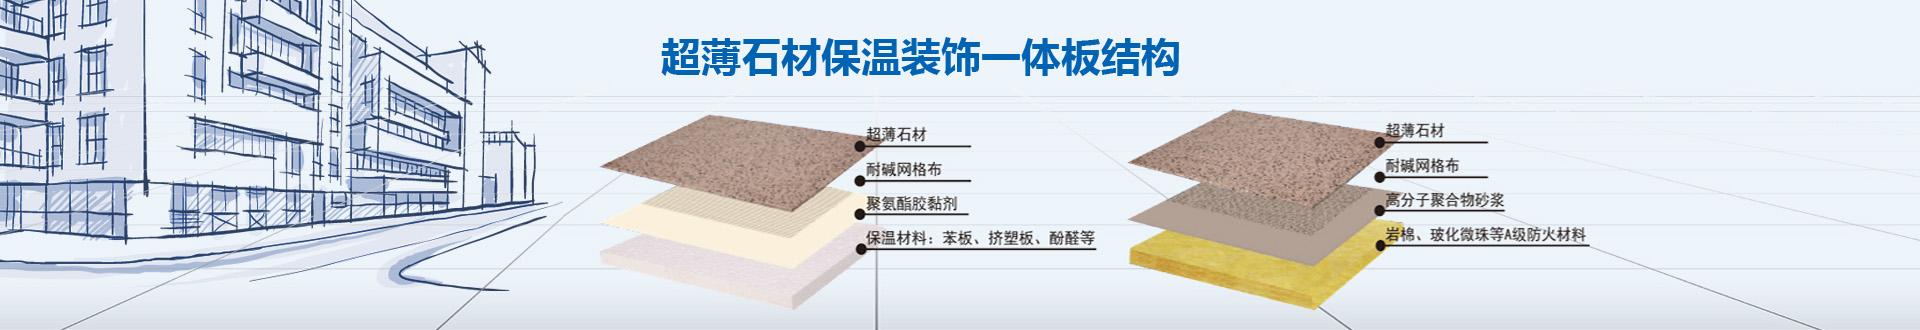 天然超薄石材保温装饰一体板